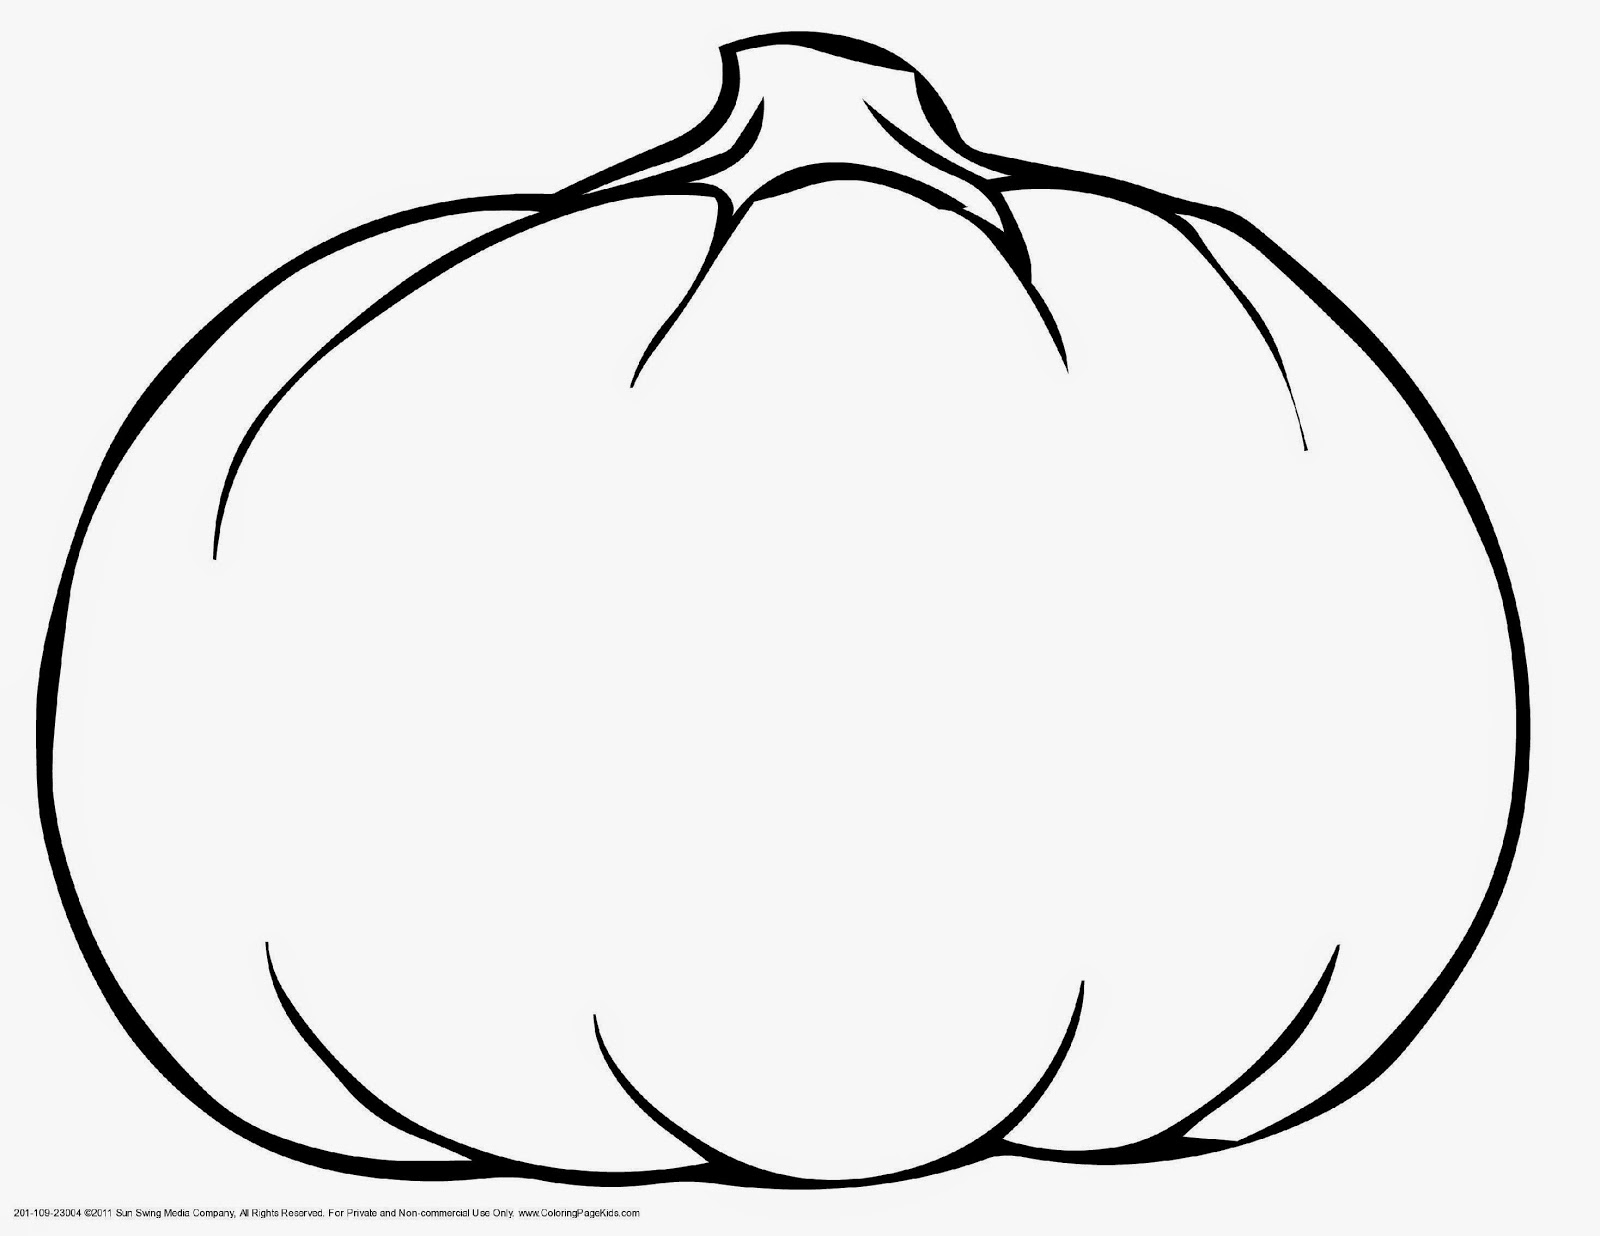 Pumpkin Clip Art For Preschool Free Clipart Images 2